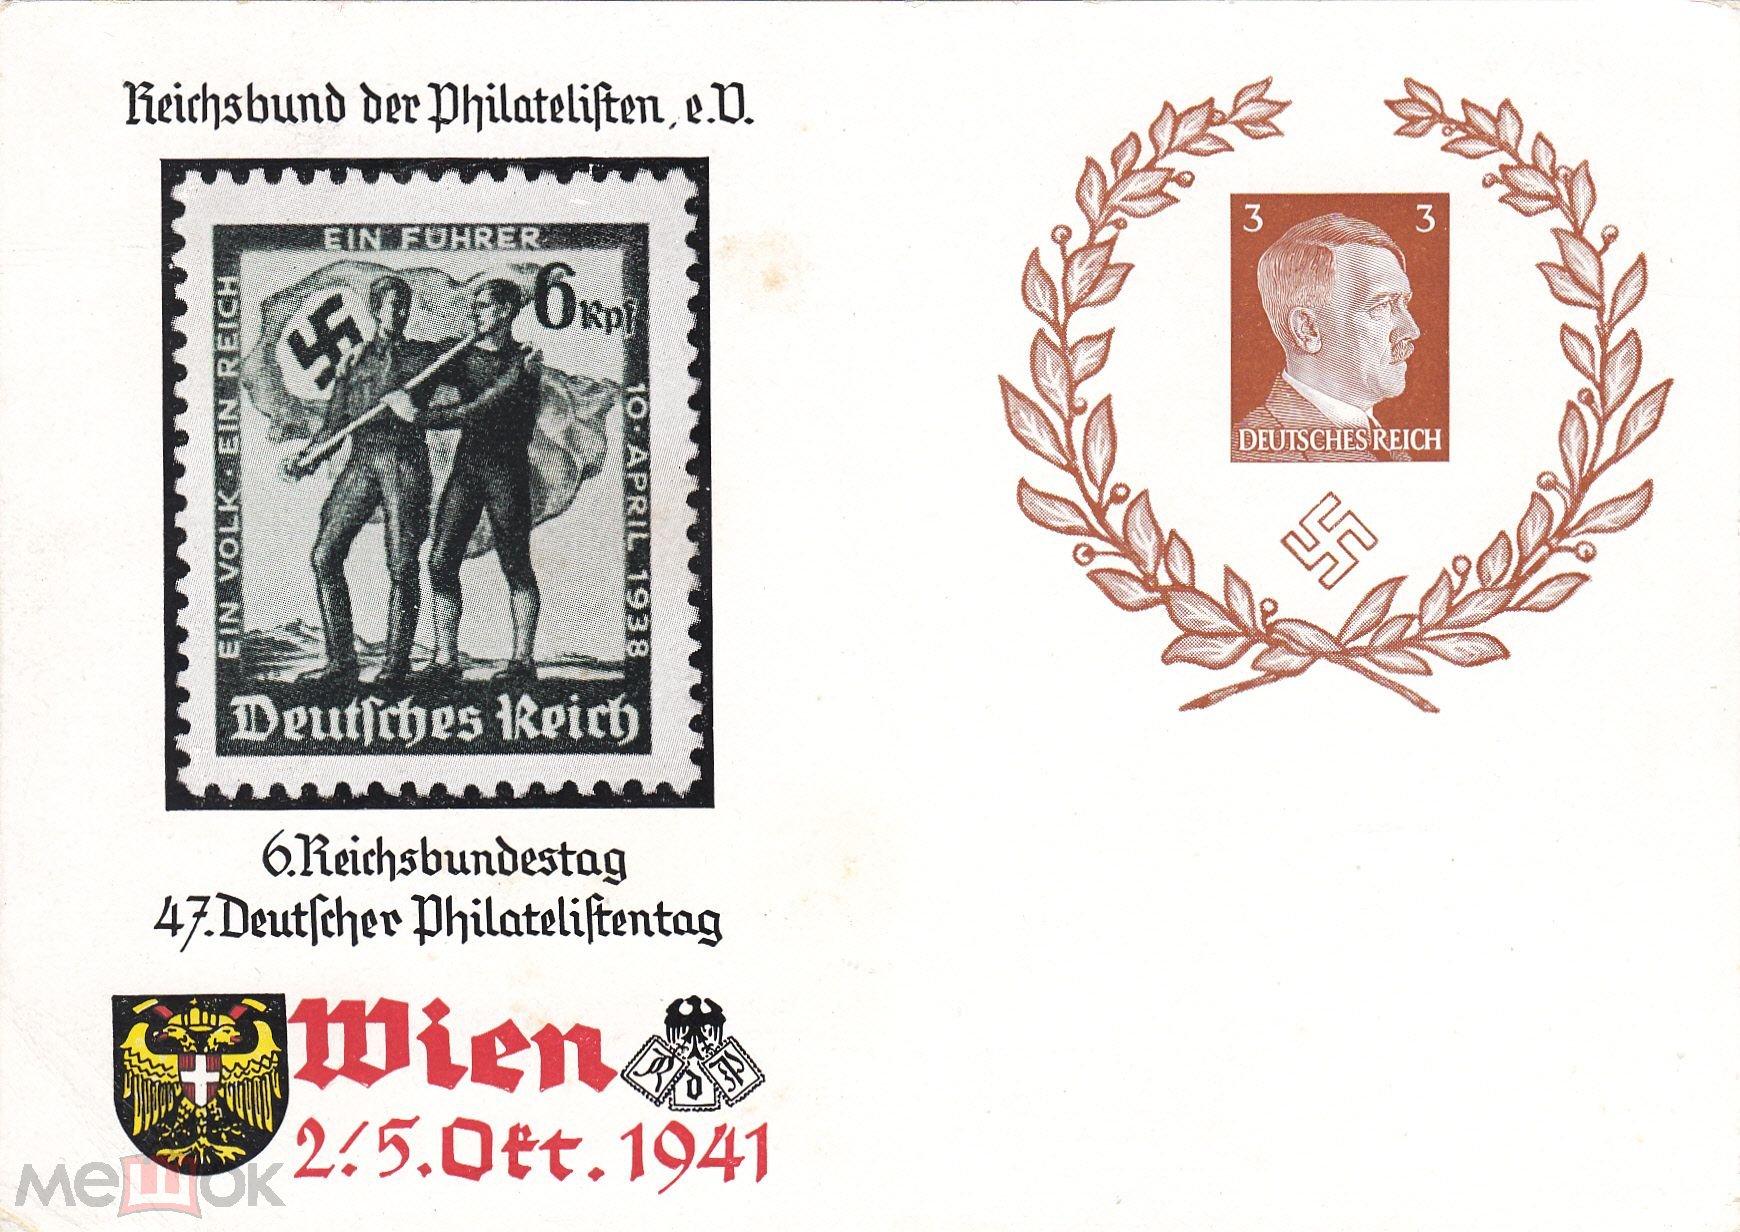 Поздравления днем, каталог открытки 3 рейха